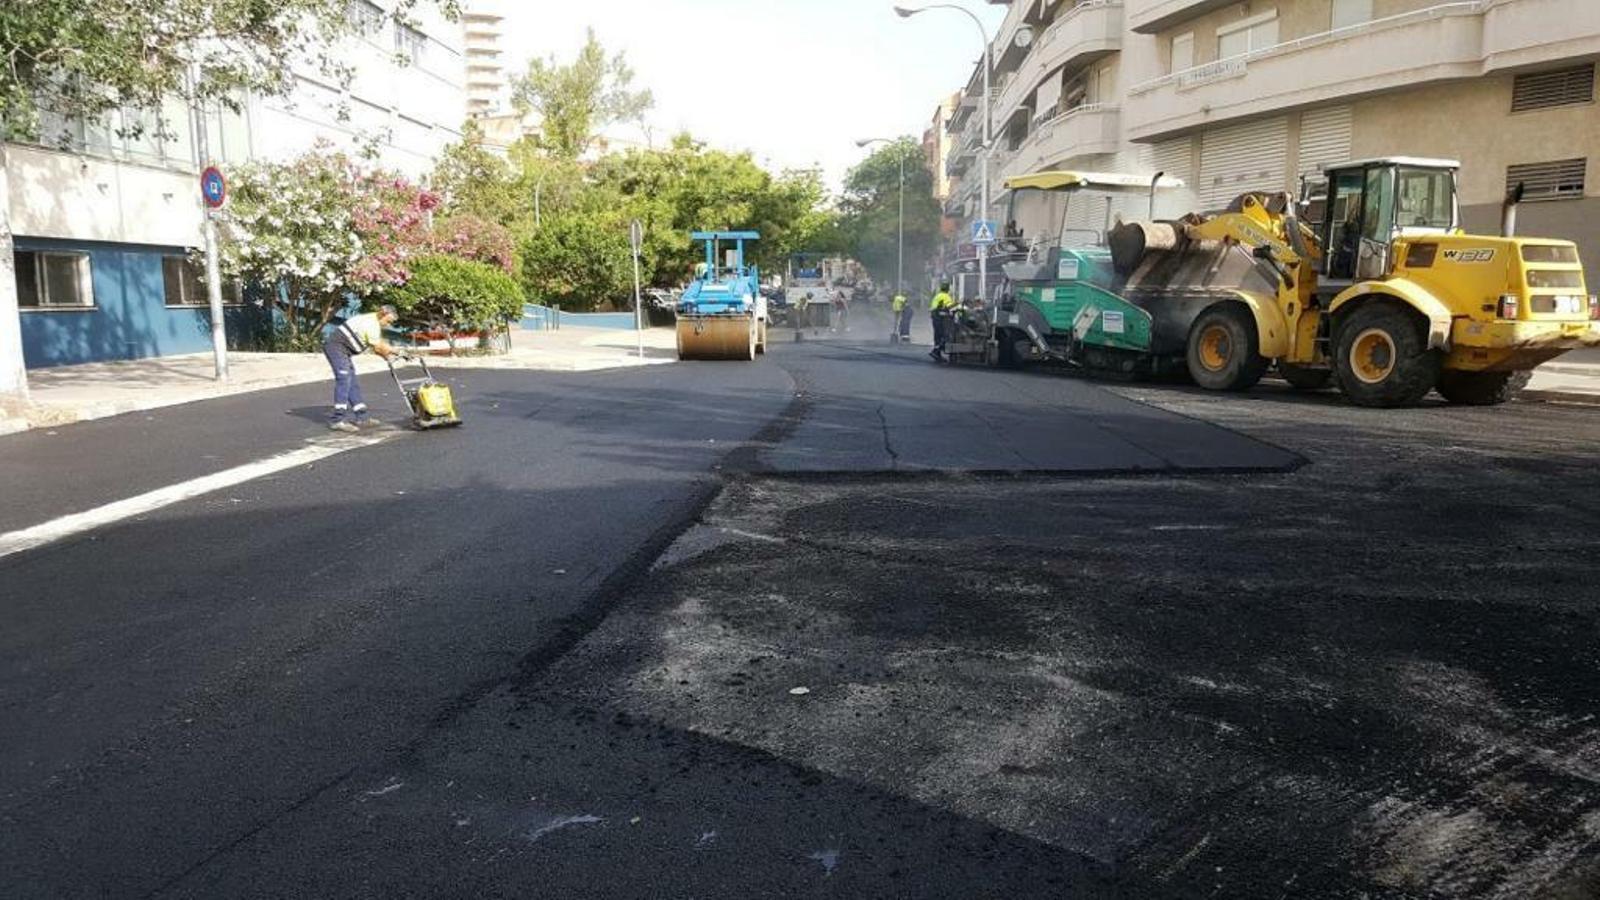 Obres d'asfaltatge a Palma. Imatge d'arxiu